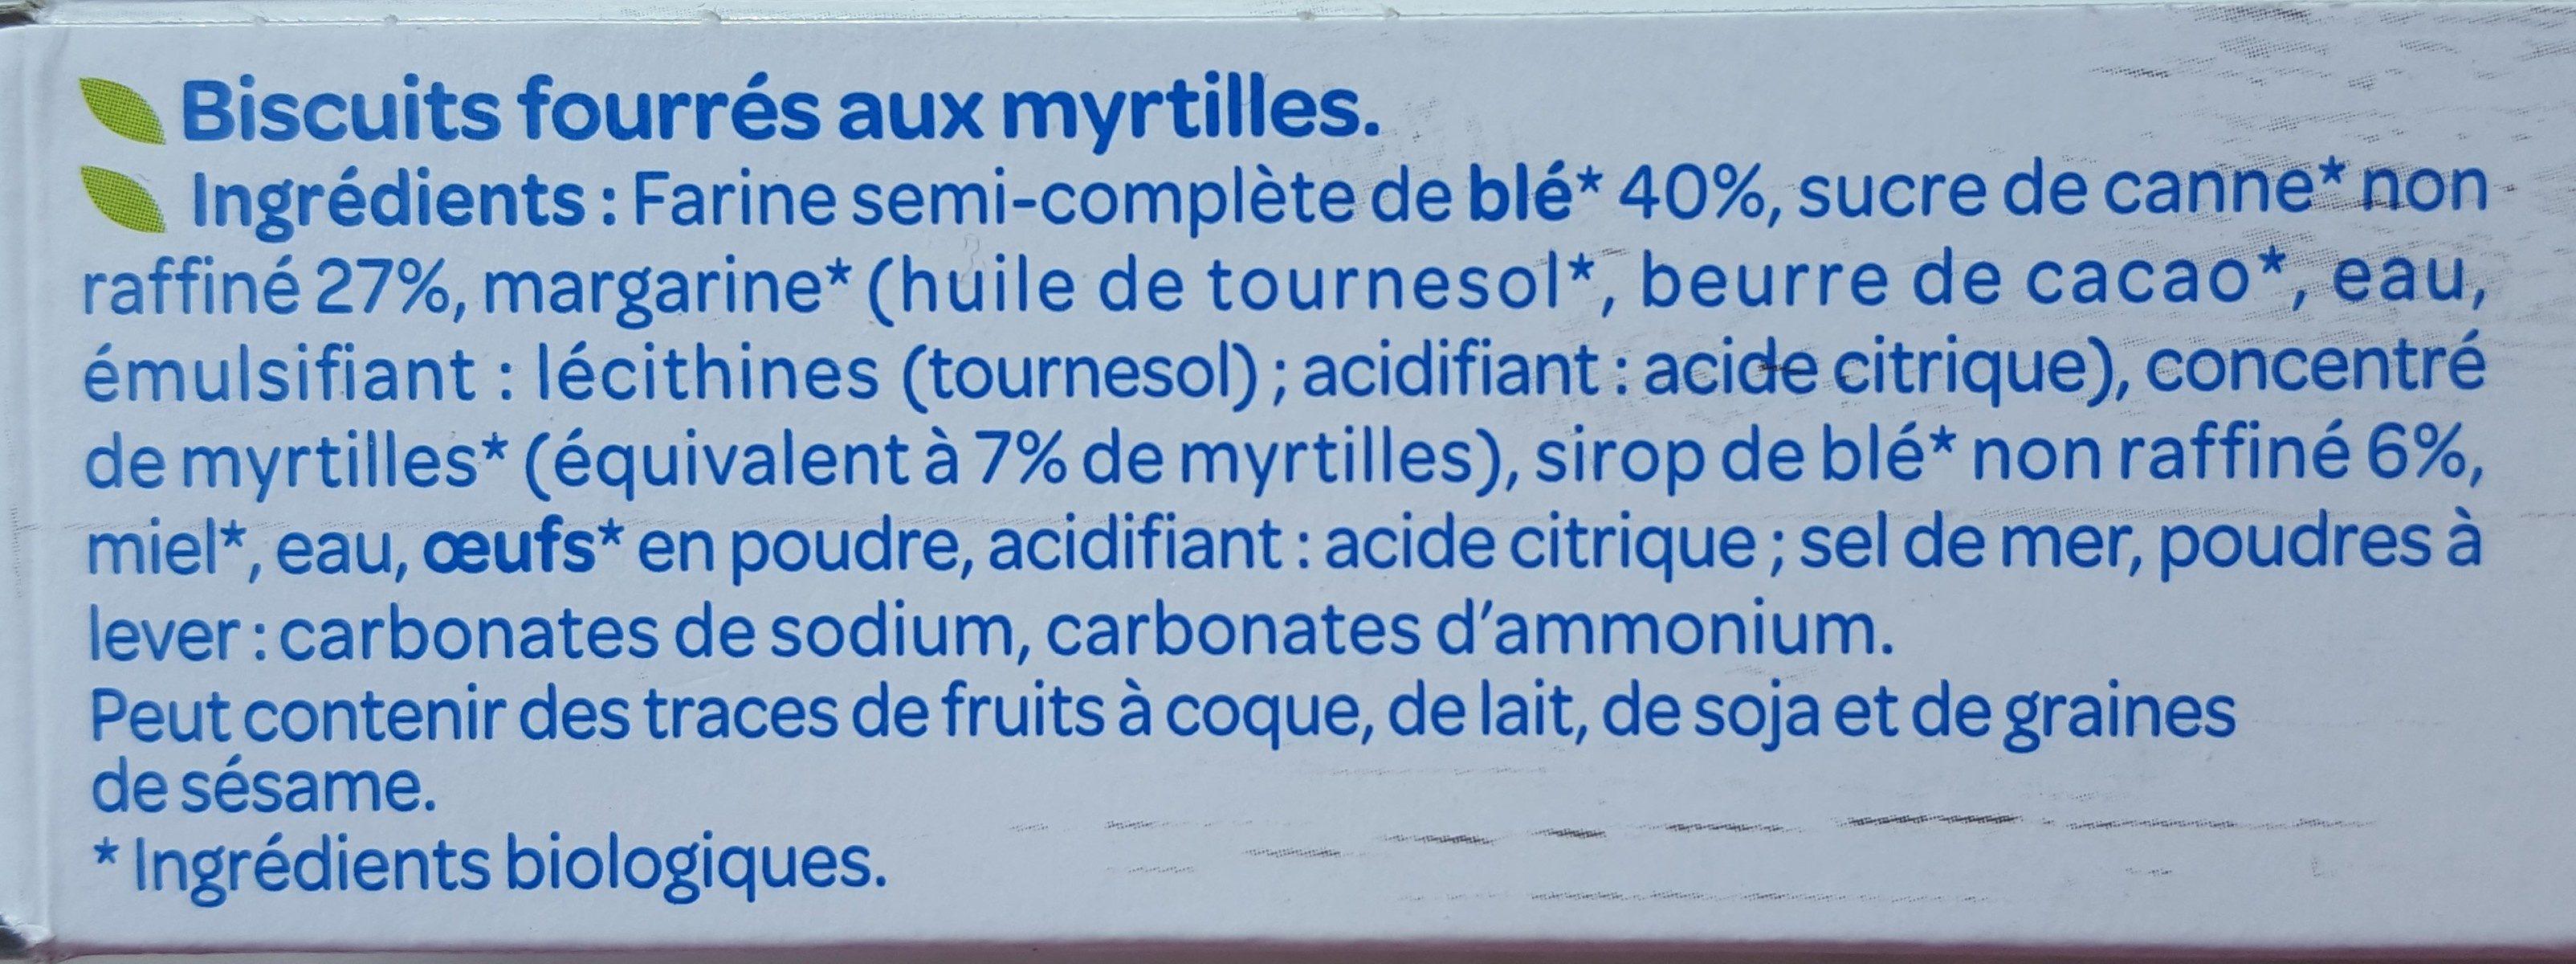 Fourrés fruit myrtilles - Ingrediënten